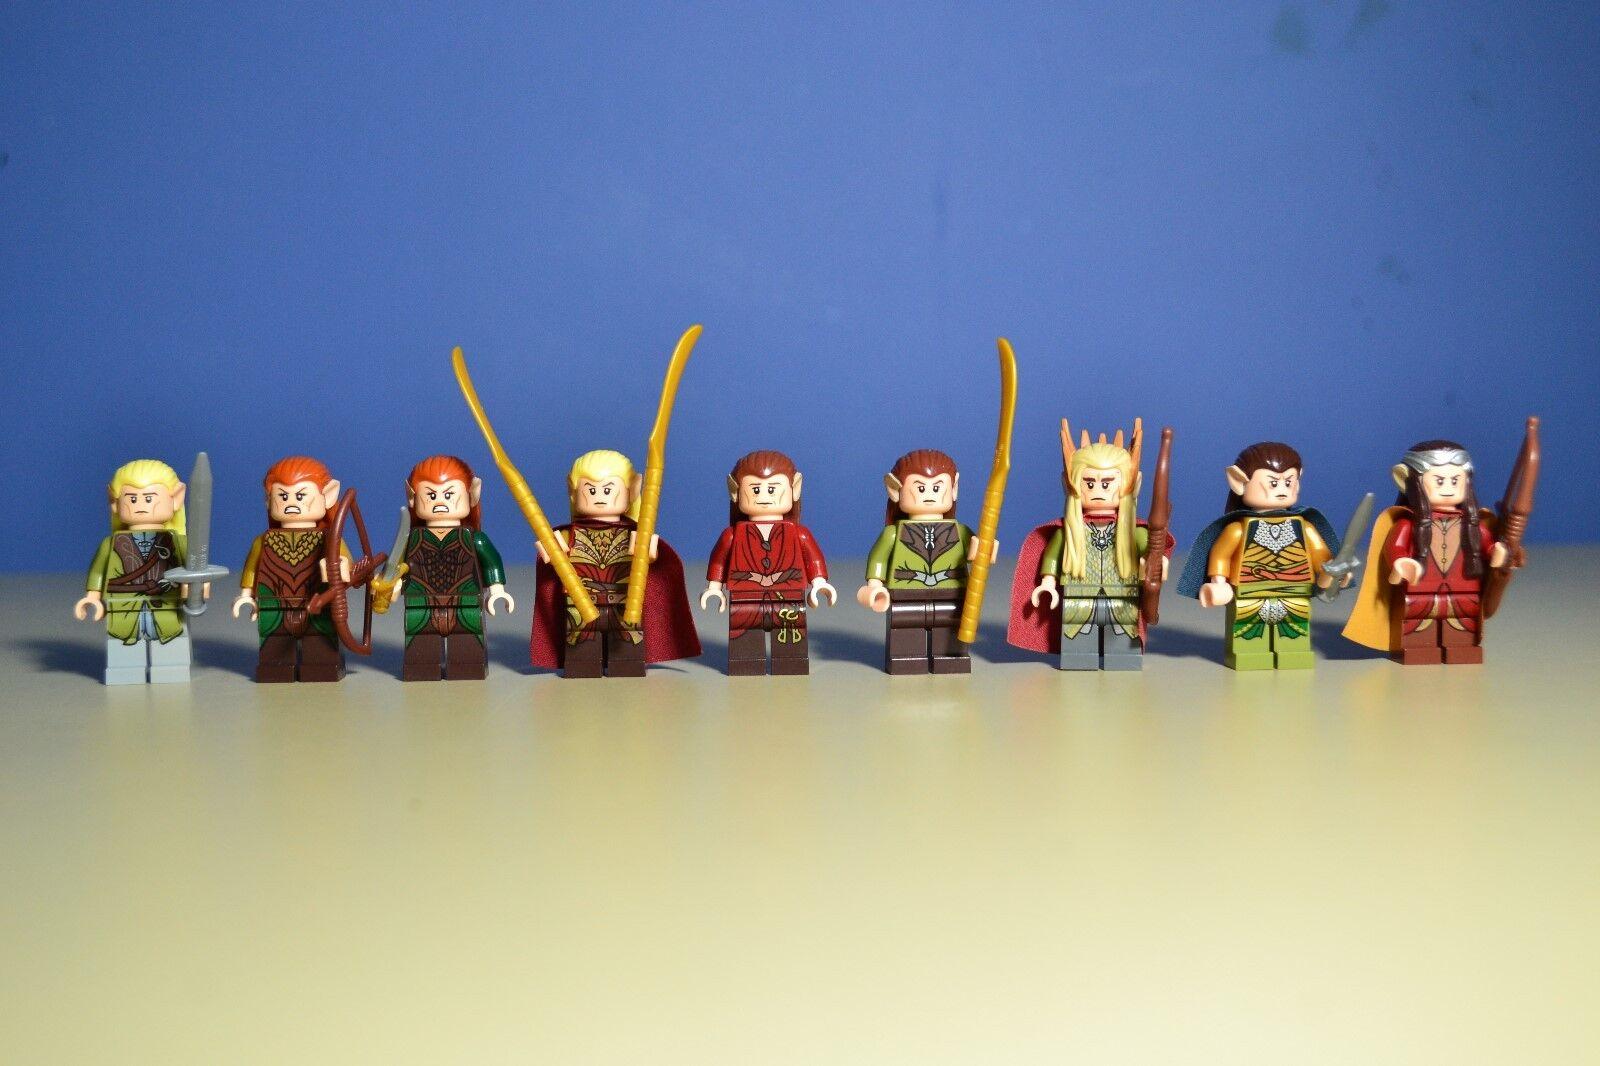 LEGO  The hobbit Lord Of The sacues Minifigures Lot  vente en ligne économiser 70%